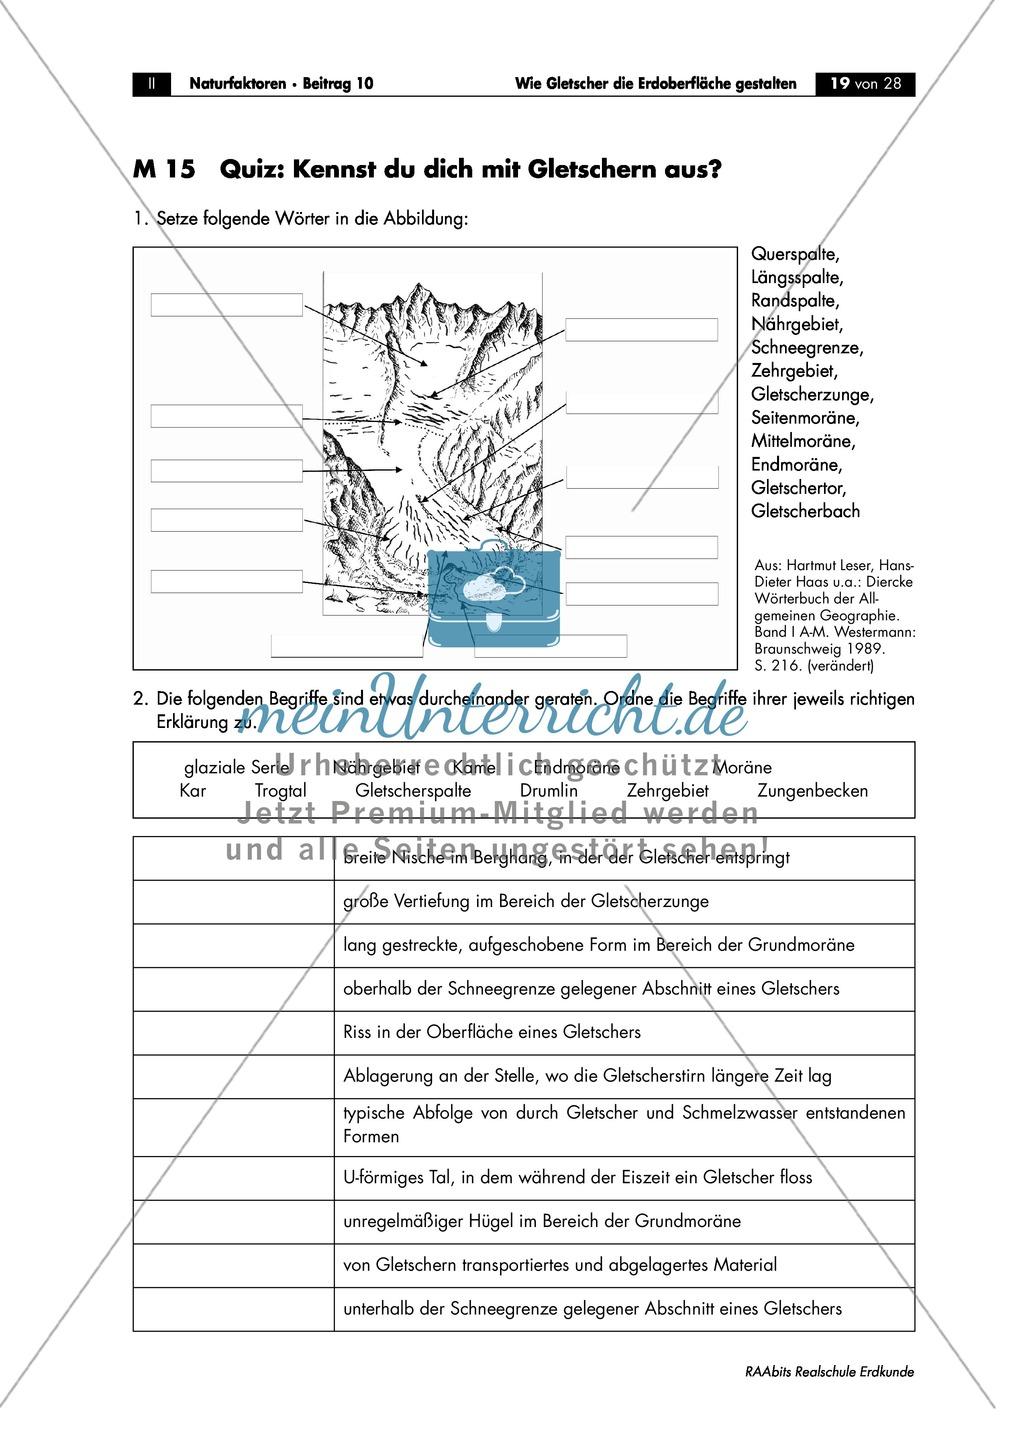 Wie Gletscher die Erdoberfläche gestalten: Wiederholung + Lernerfolgskontrolle Preview 1